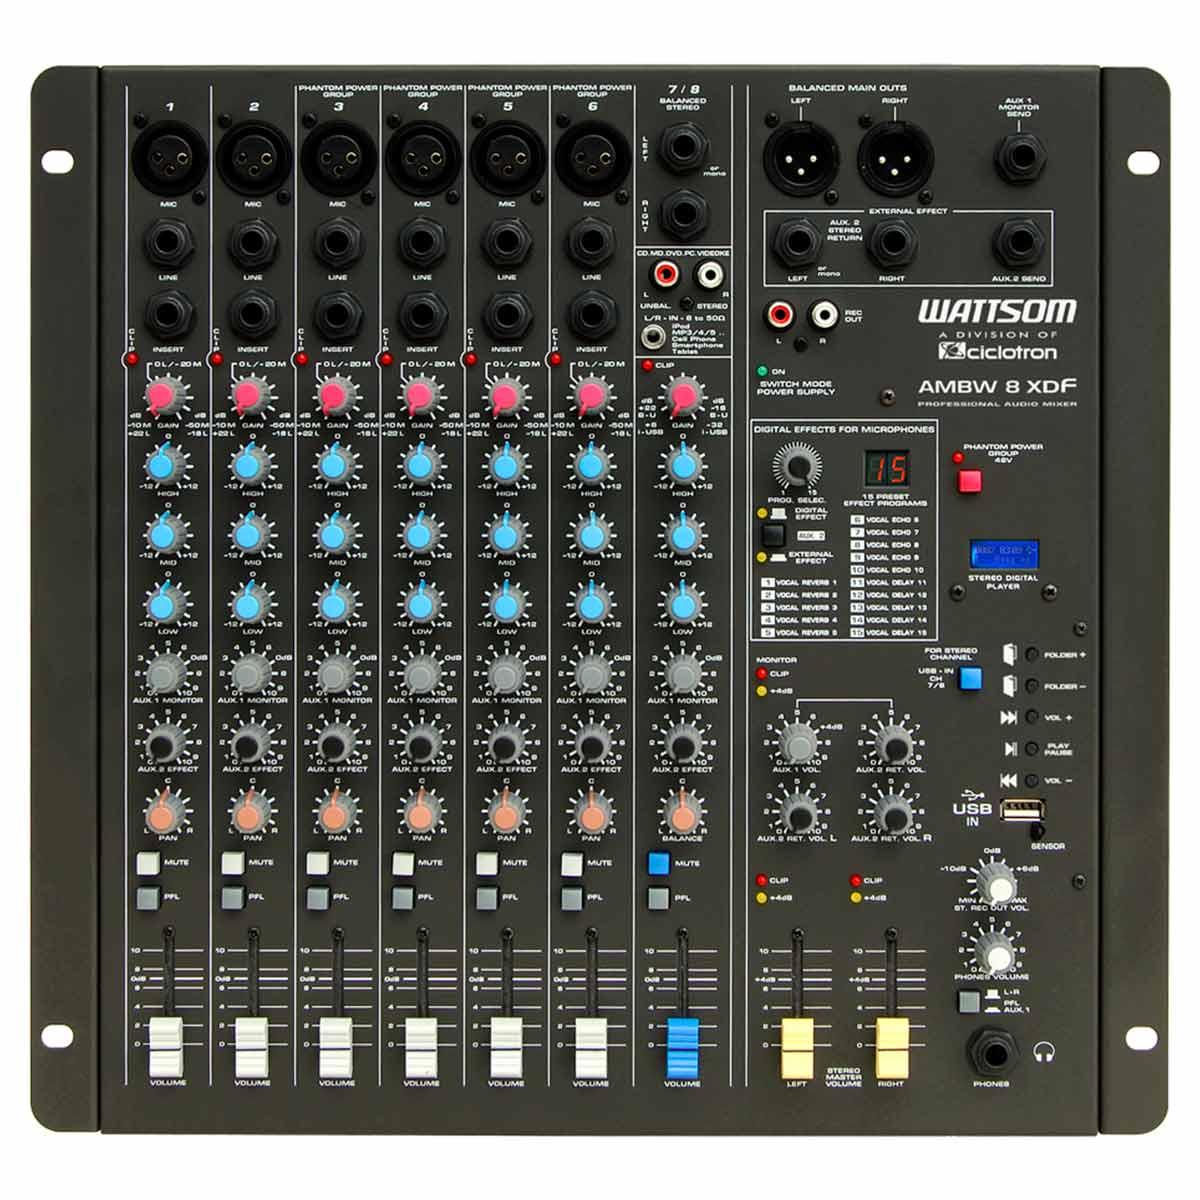 Mesa de Som 8 Canais Balanceados (6 XLR + 2 P10) c/ USB Play / Efeito / Phantom / 2 Auxiliares - AMBW 8 XDF Ciclotron